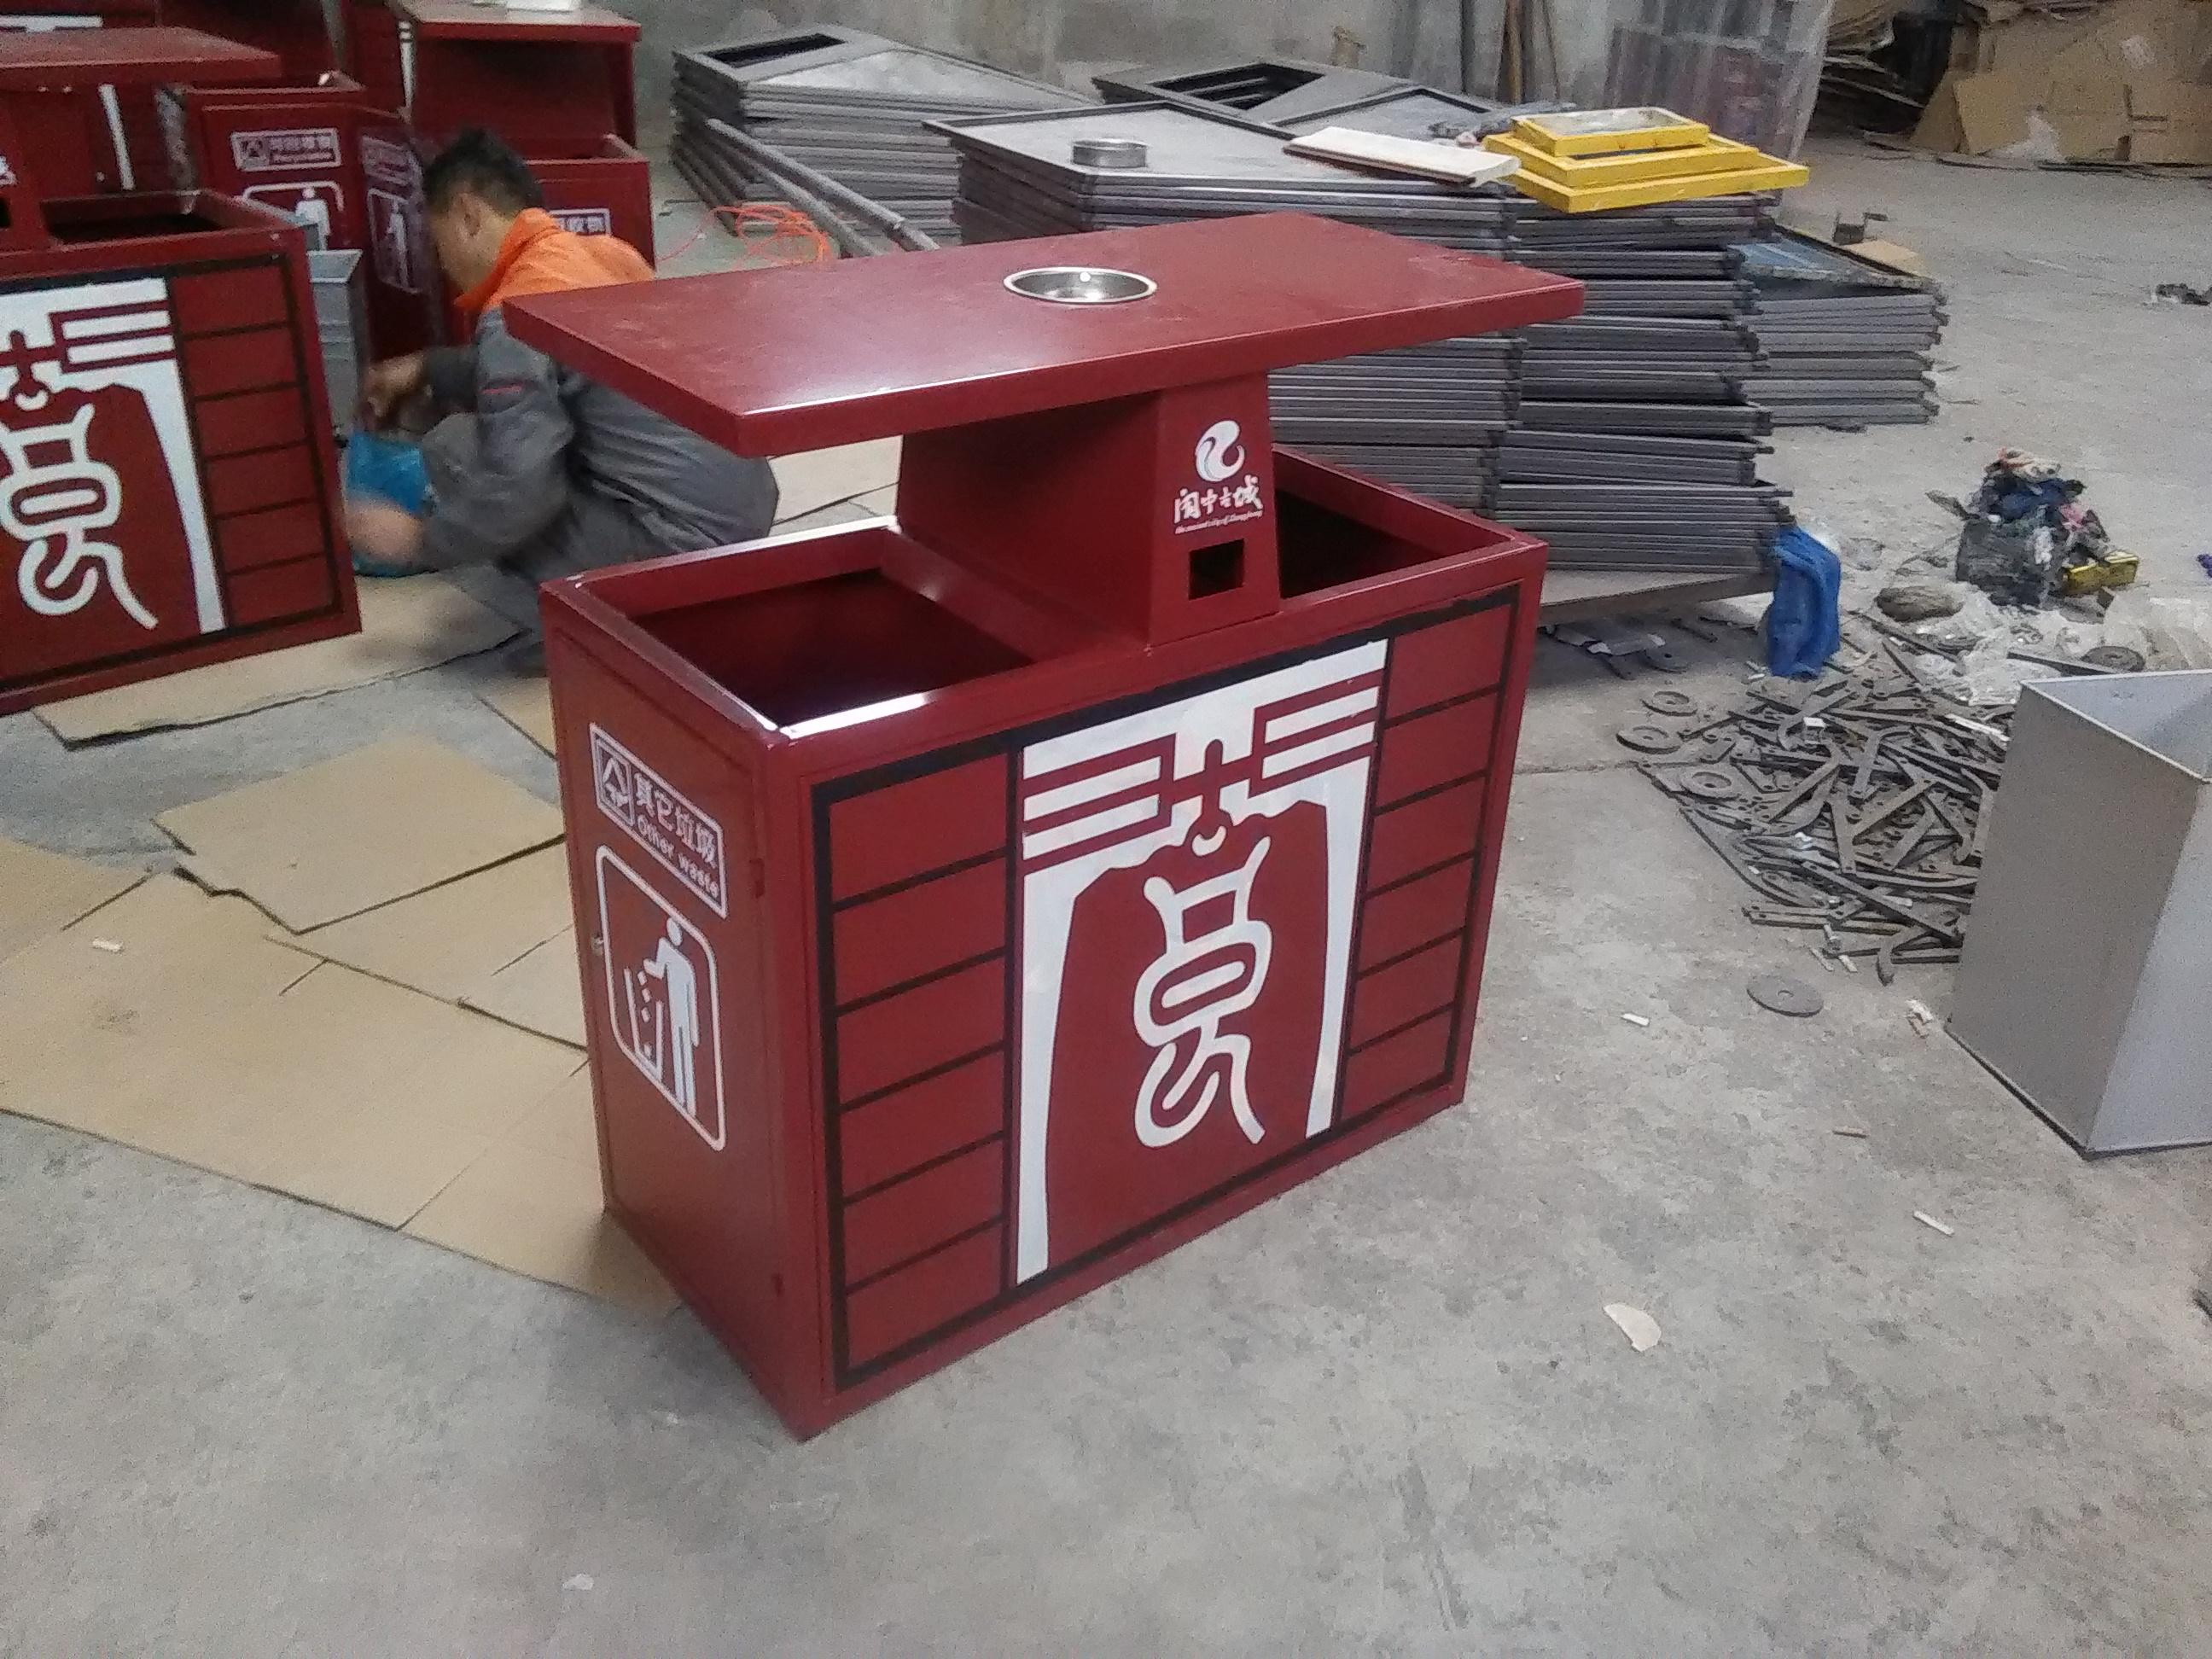 挂桶式垃圾车报价 挂桶式垃圾_厕所垃圾入桶标语_垃圾桶的桶怎么